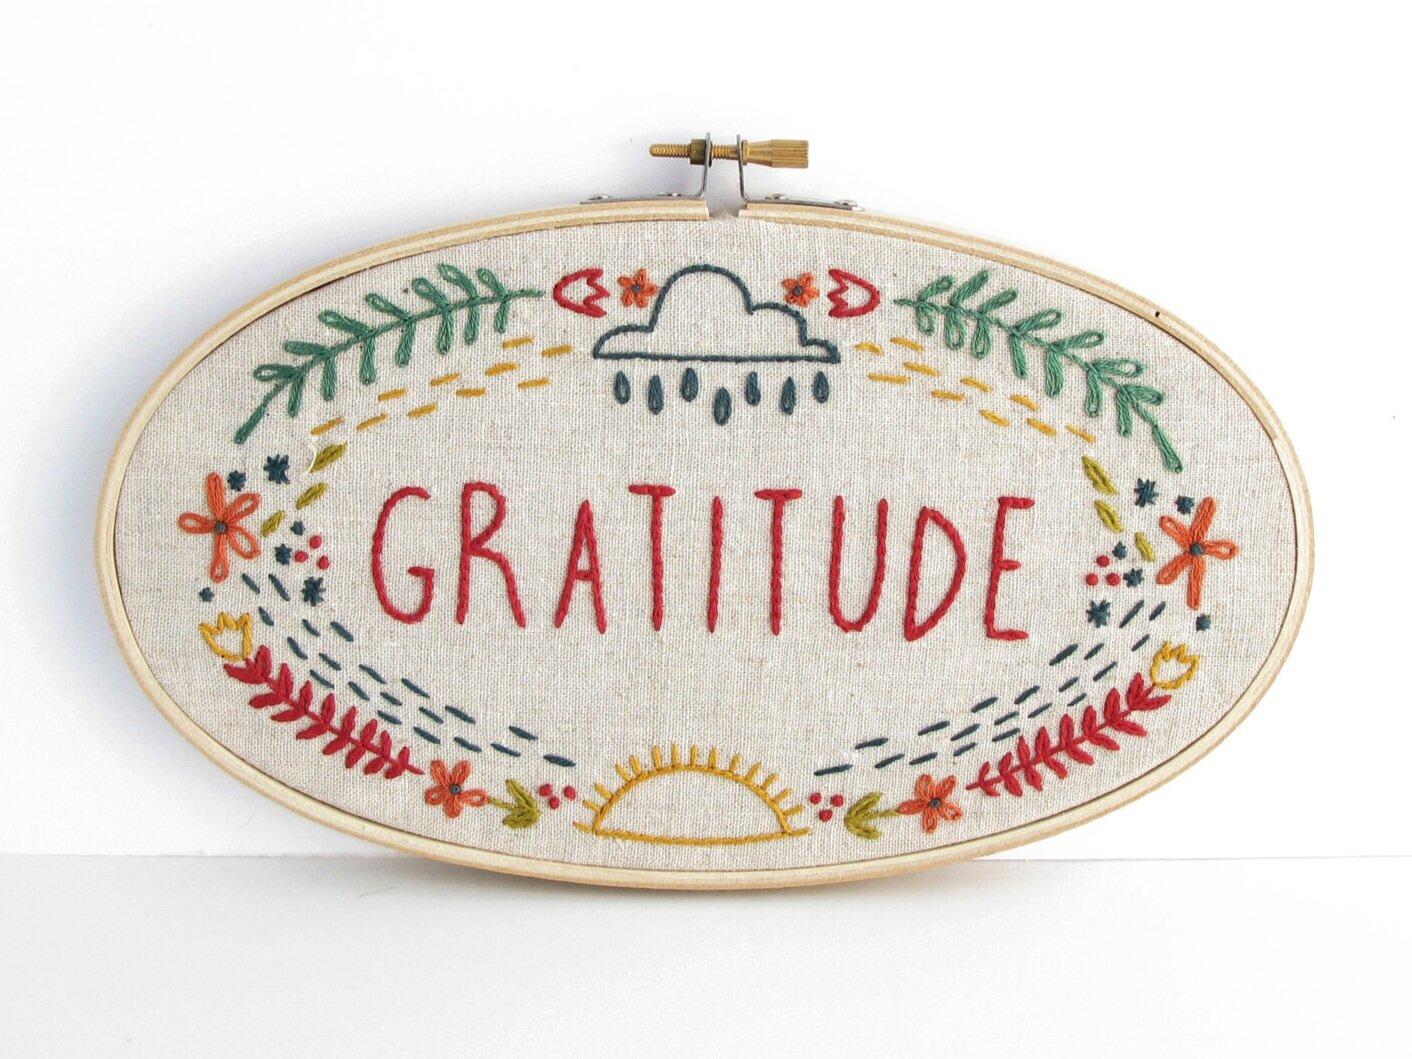 Gratitude+photo+for+package.jpg